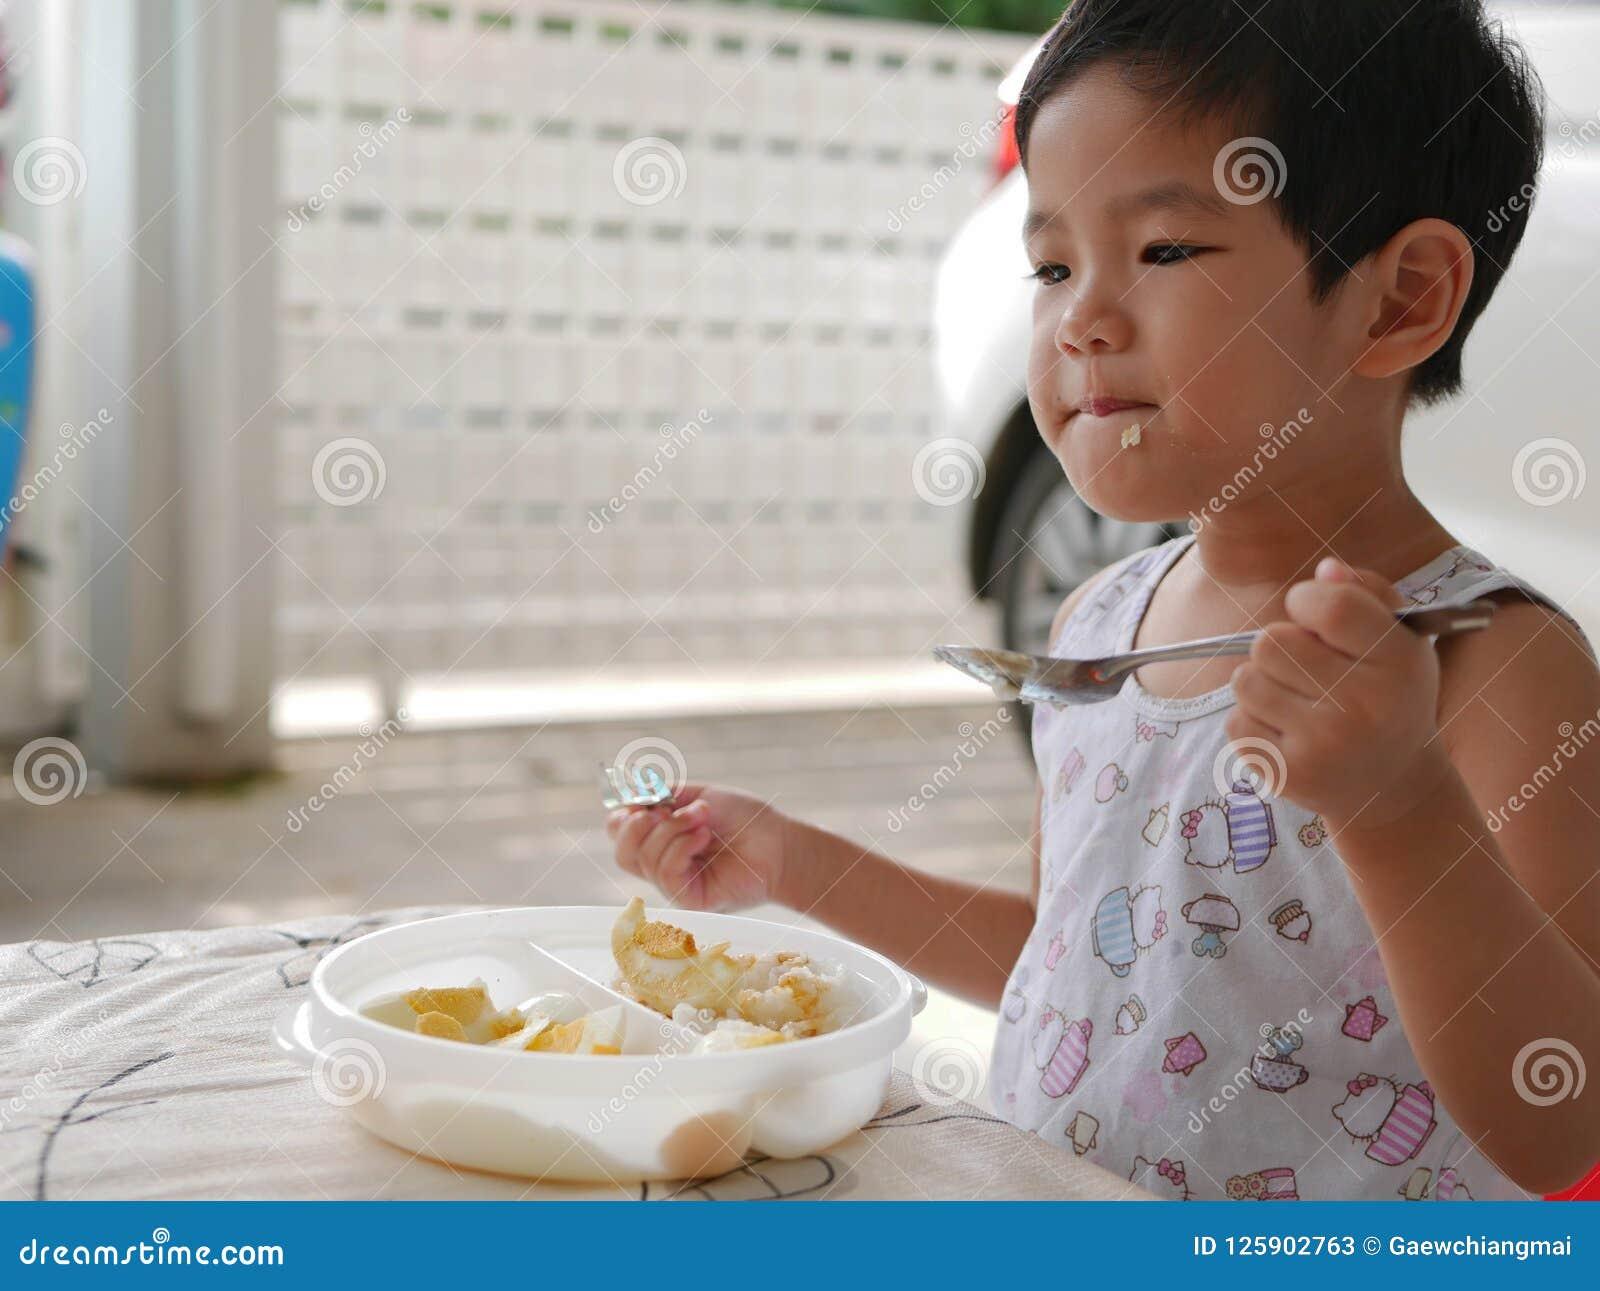 Asian girl eats herself